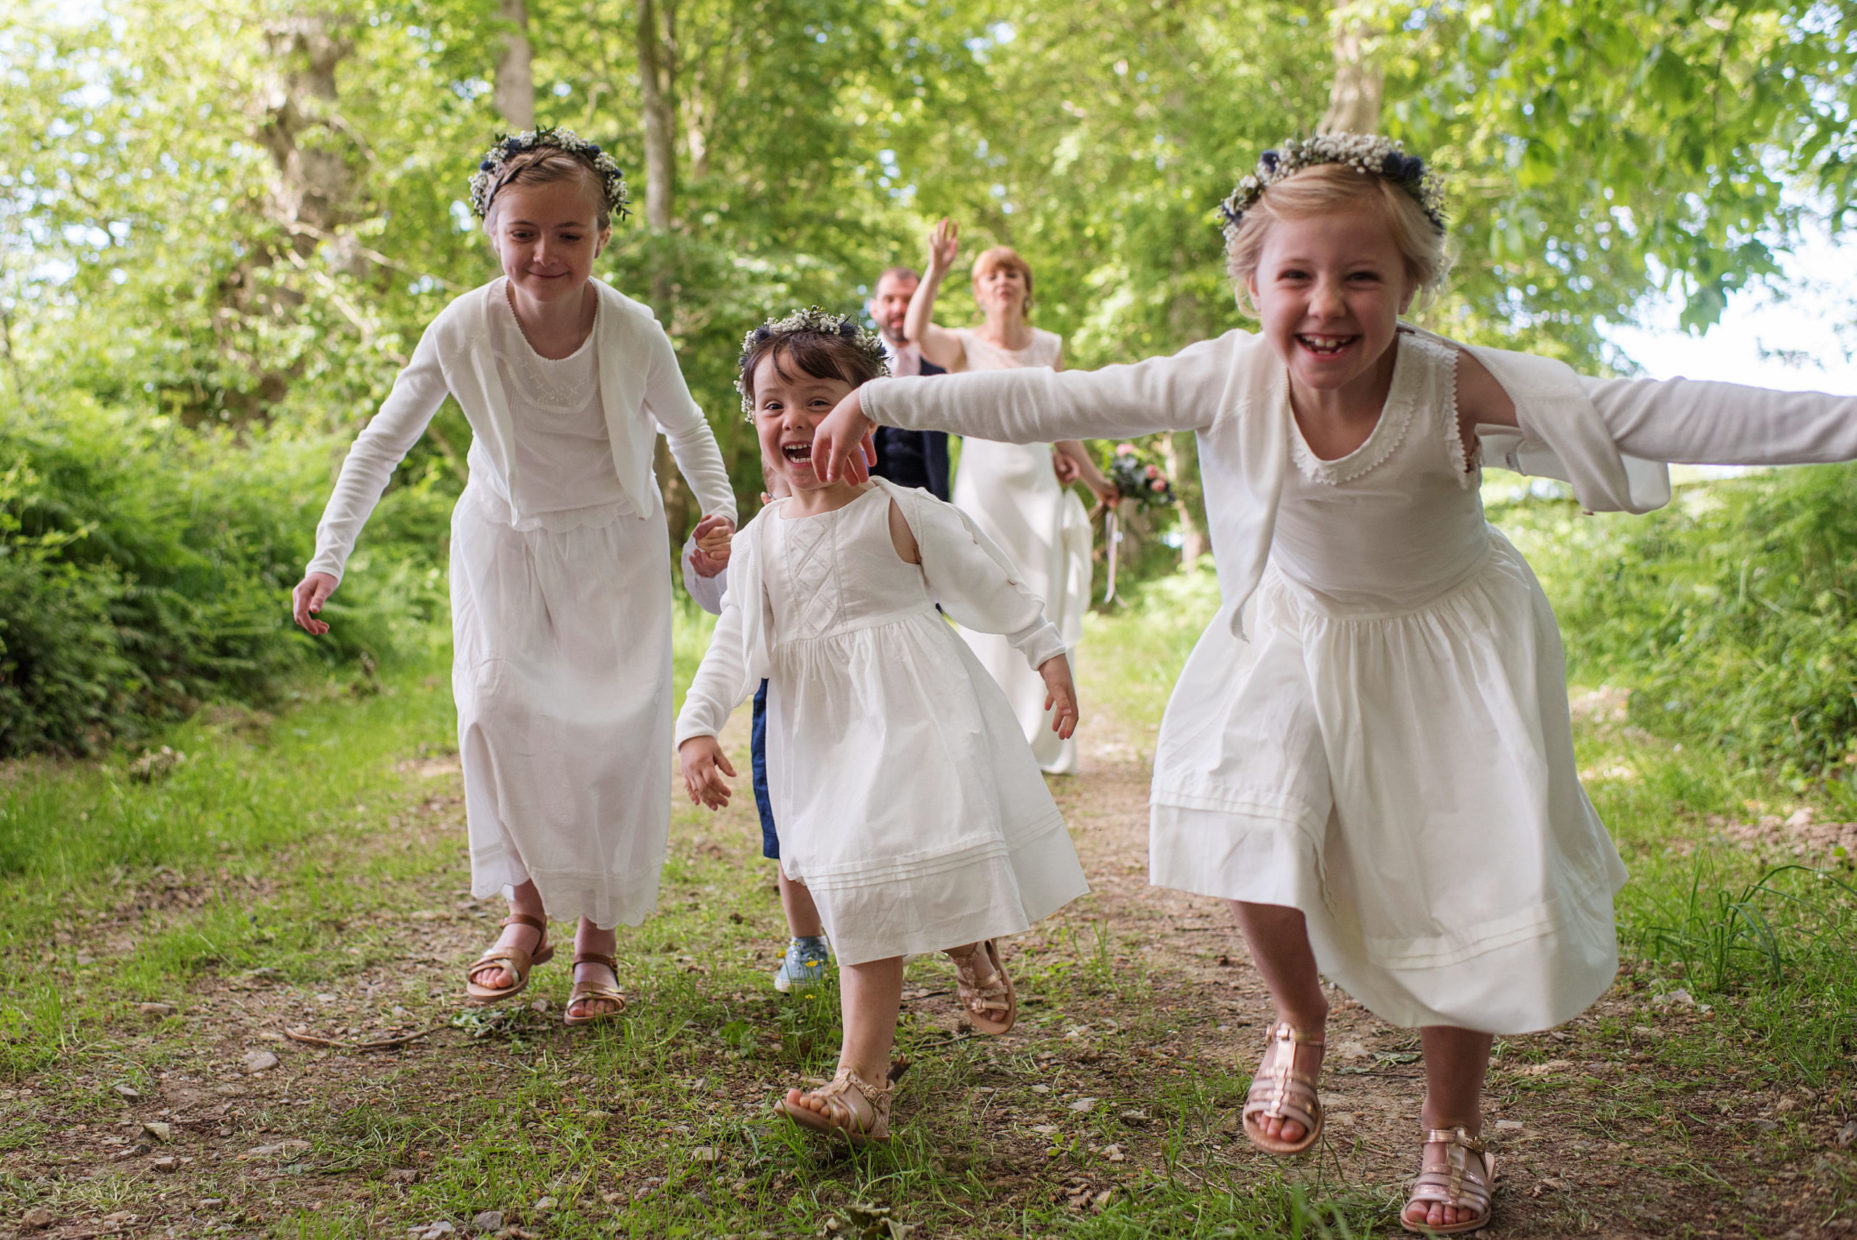 enfants en blanc dans un mariage